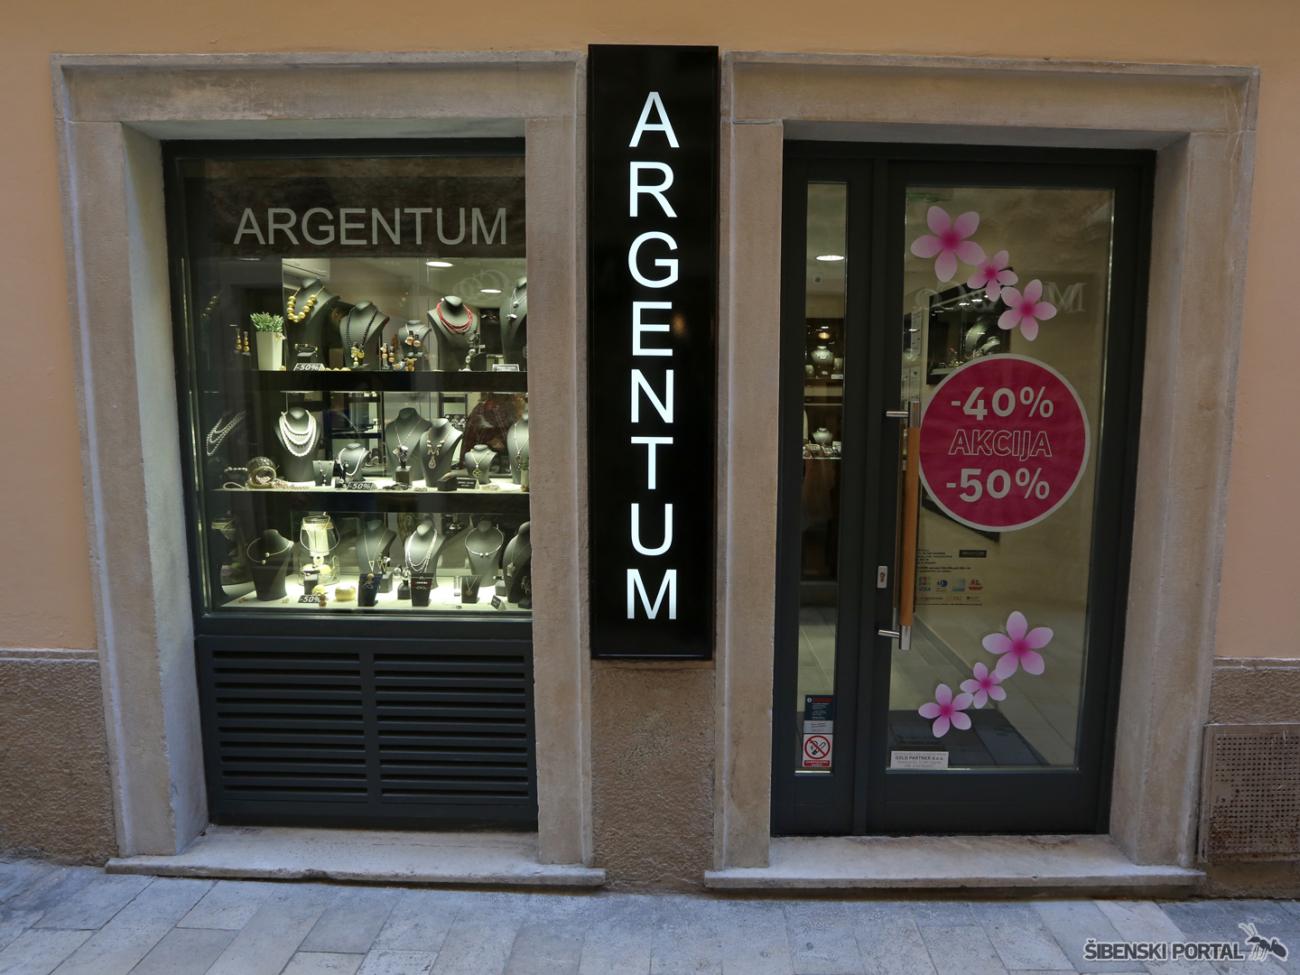 argentum 130417 26(1)